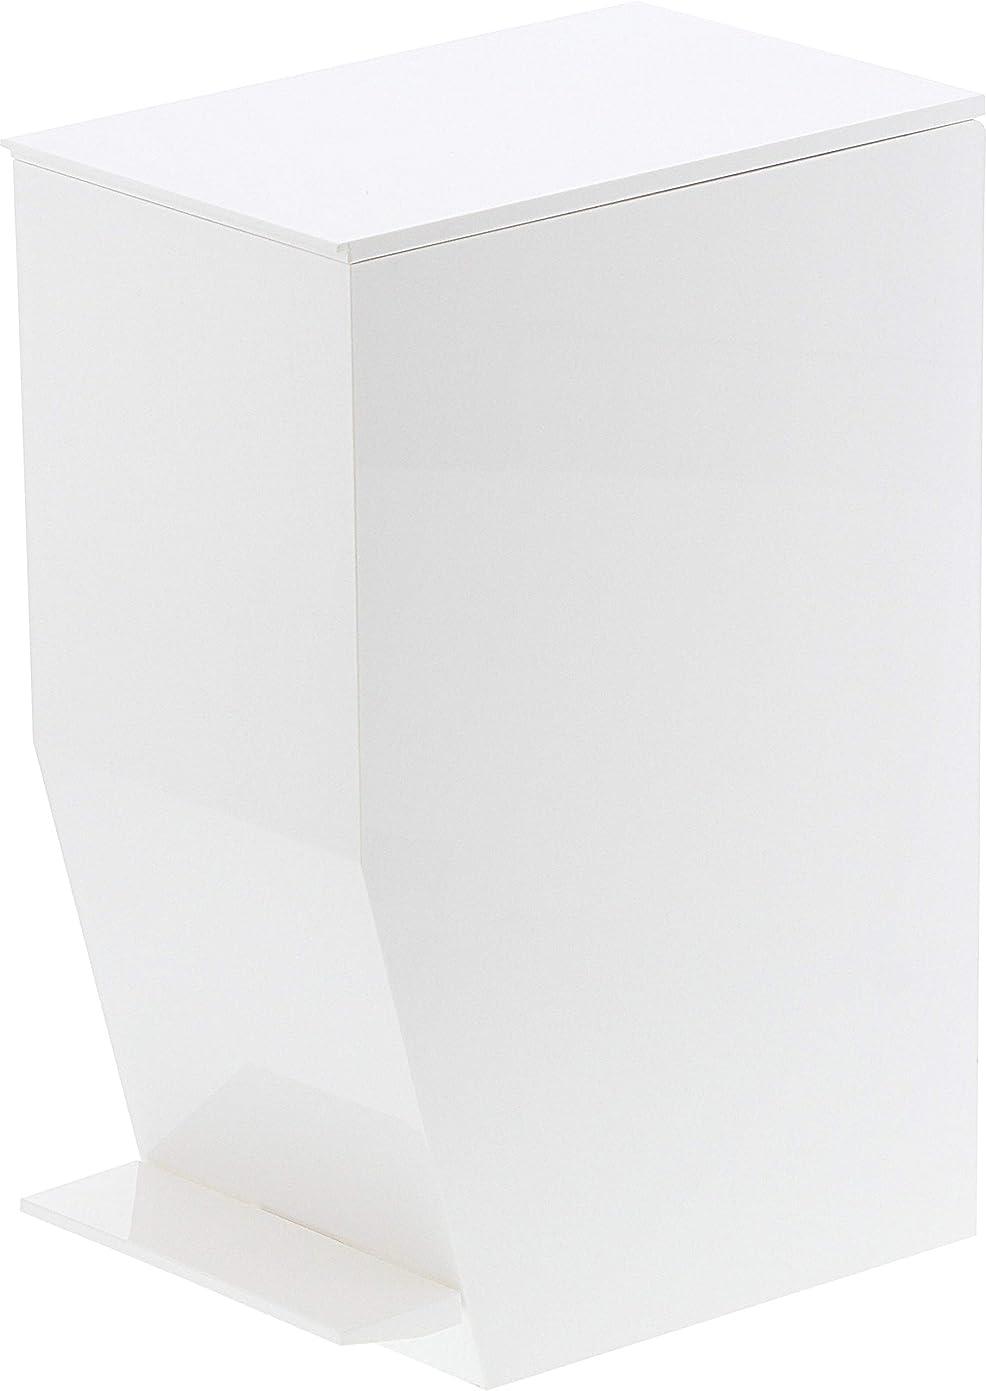 力千権限山崎実業 ゴミ箱 ペダル式トイレポット タワー ホワイト 3385